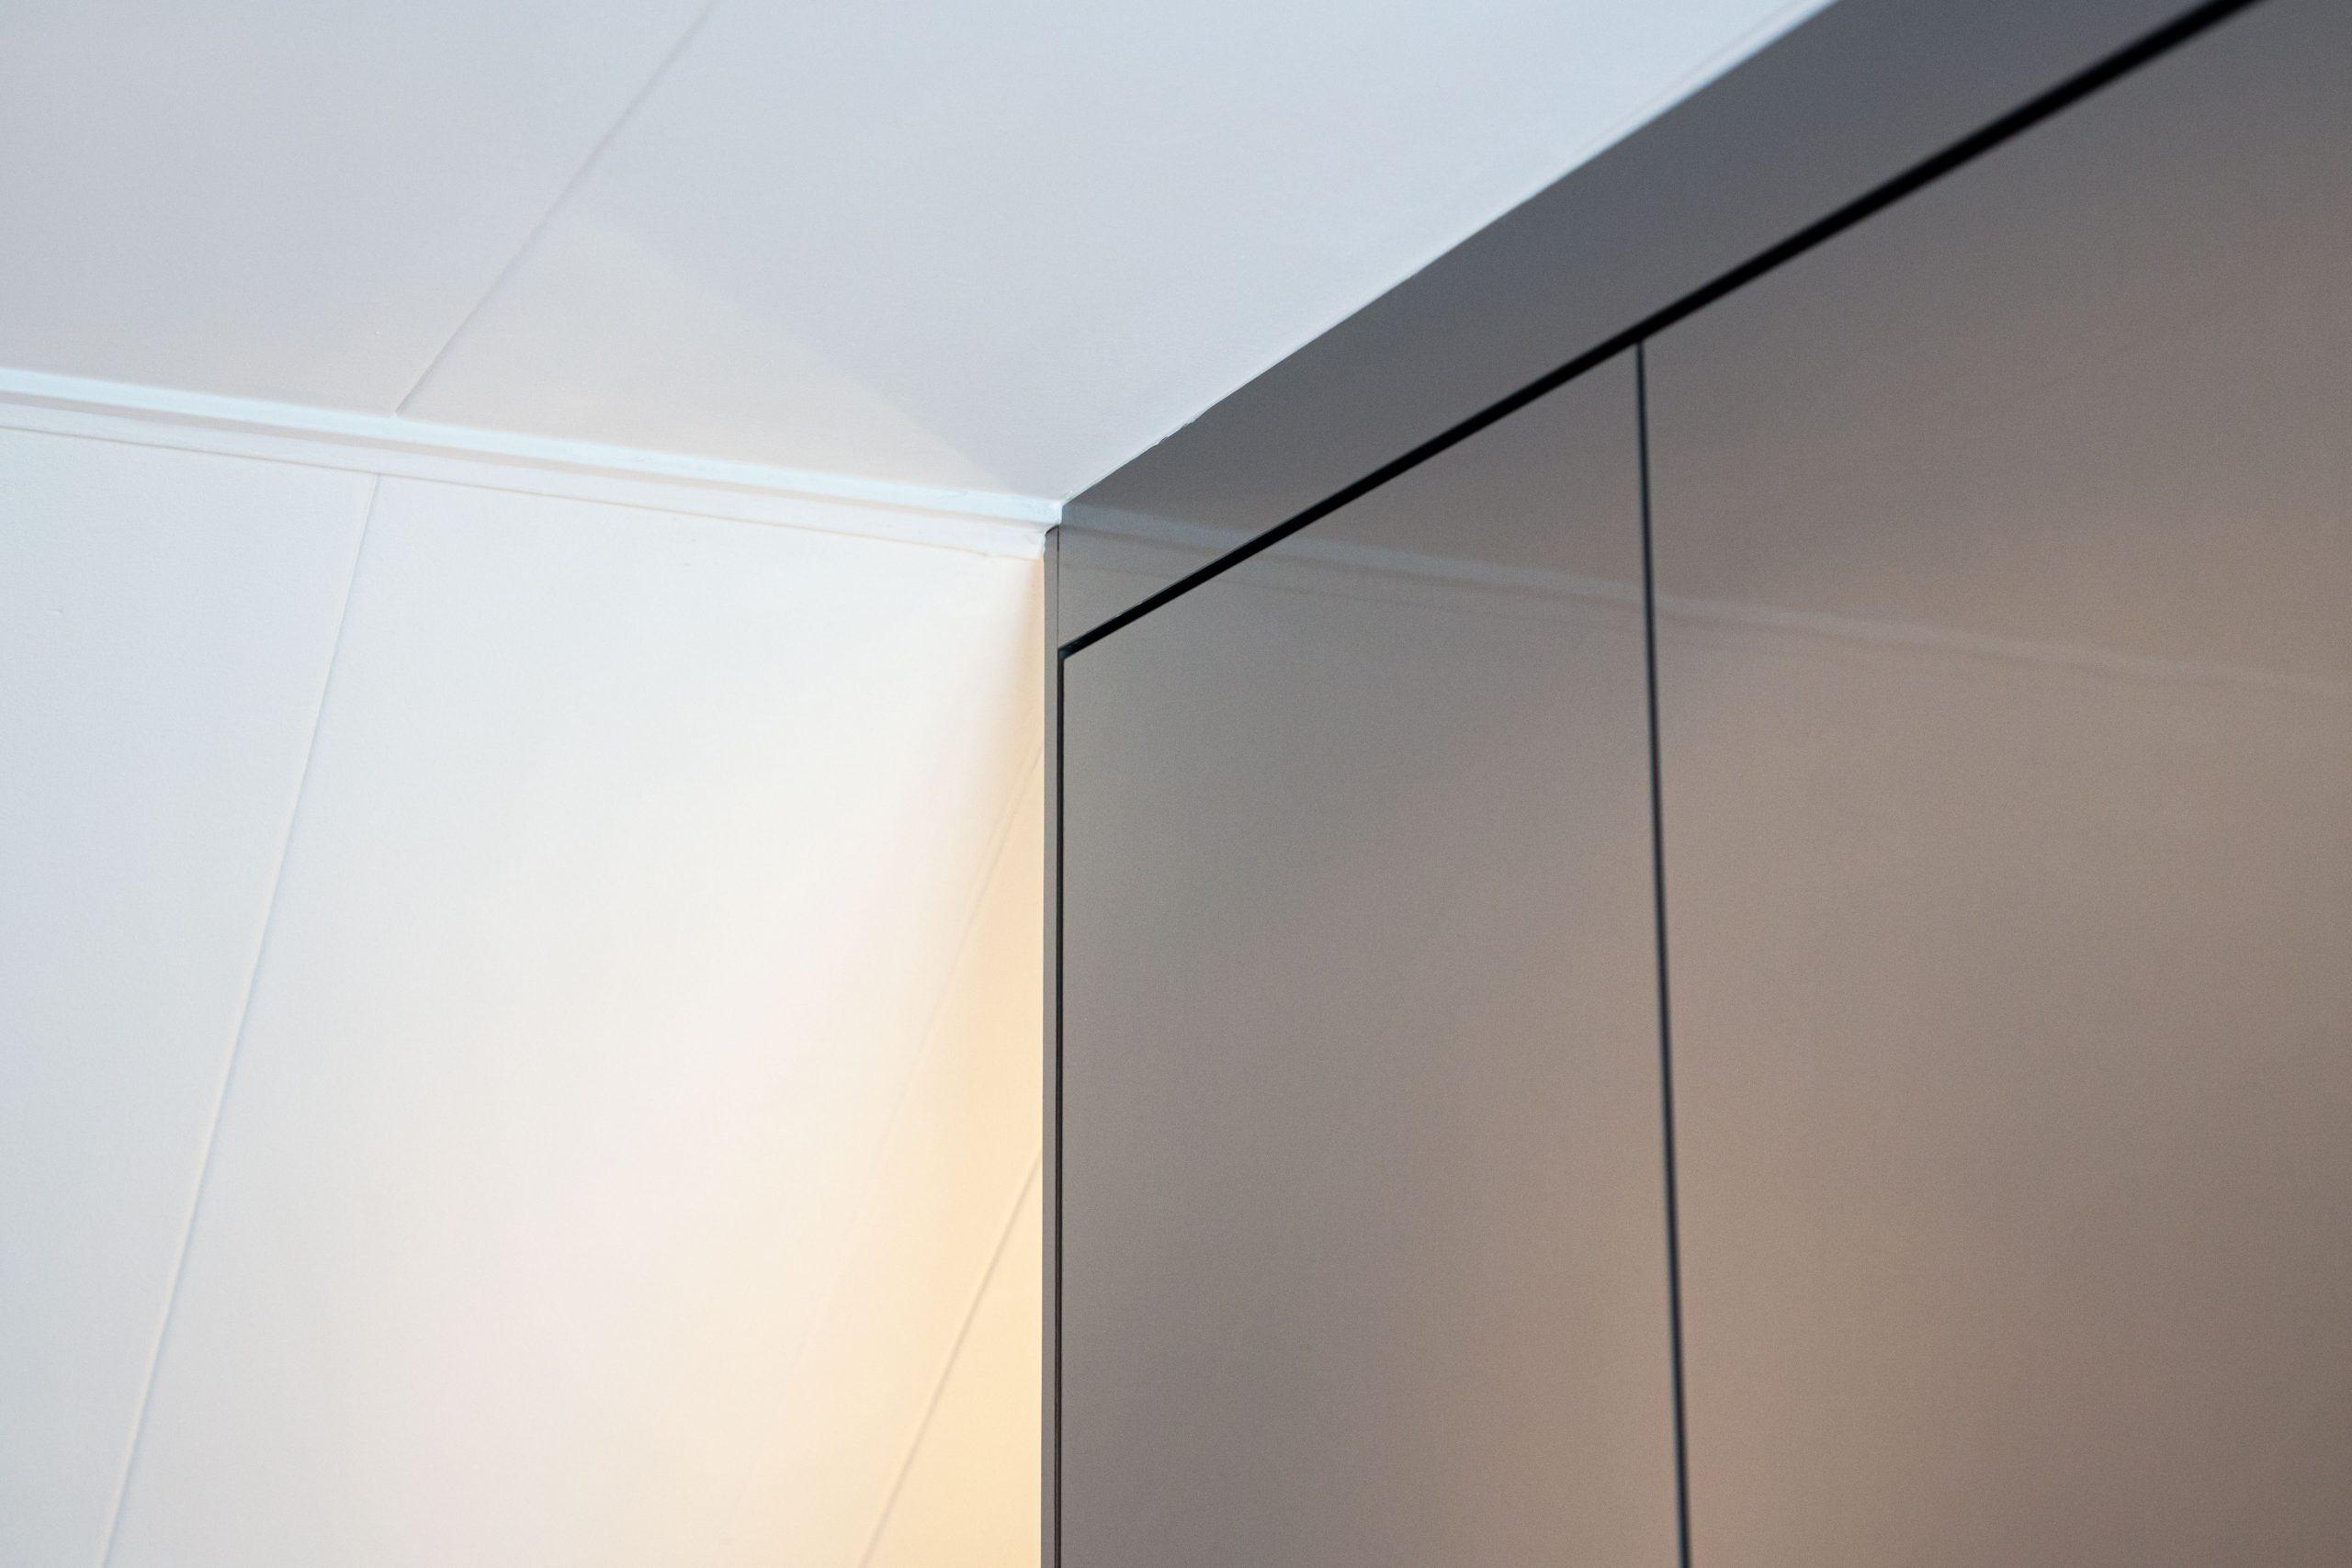 Sens Interieurs - kastruimte slaapkamers - galerij5